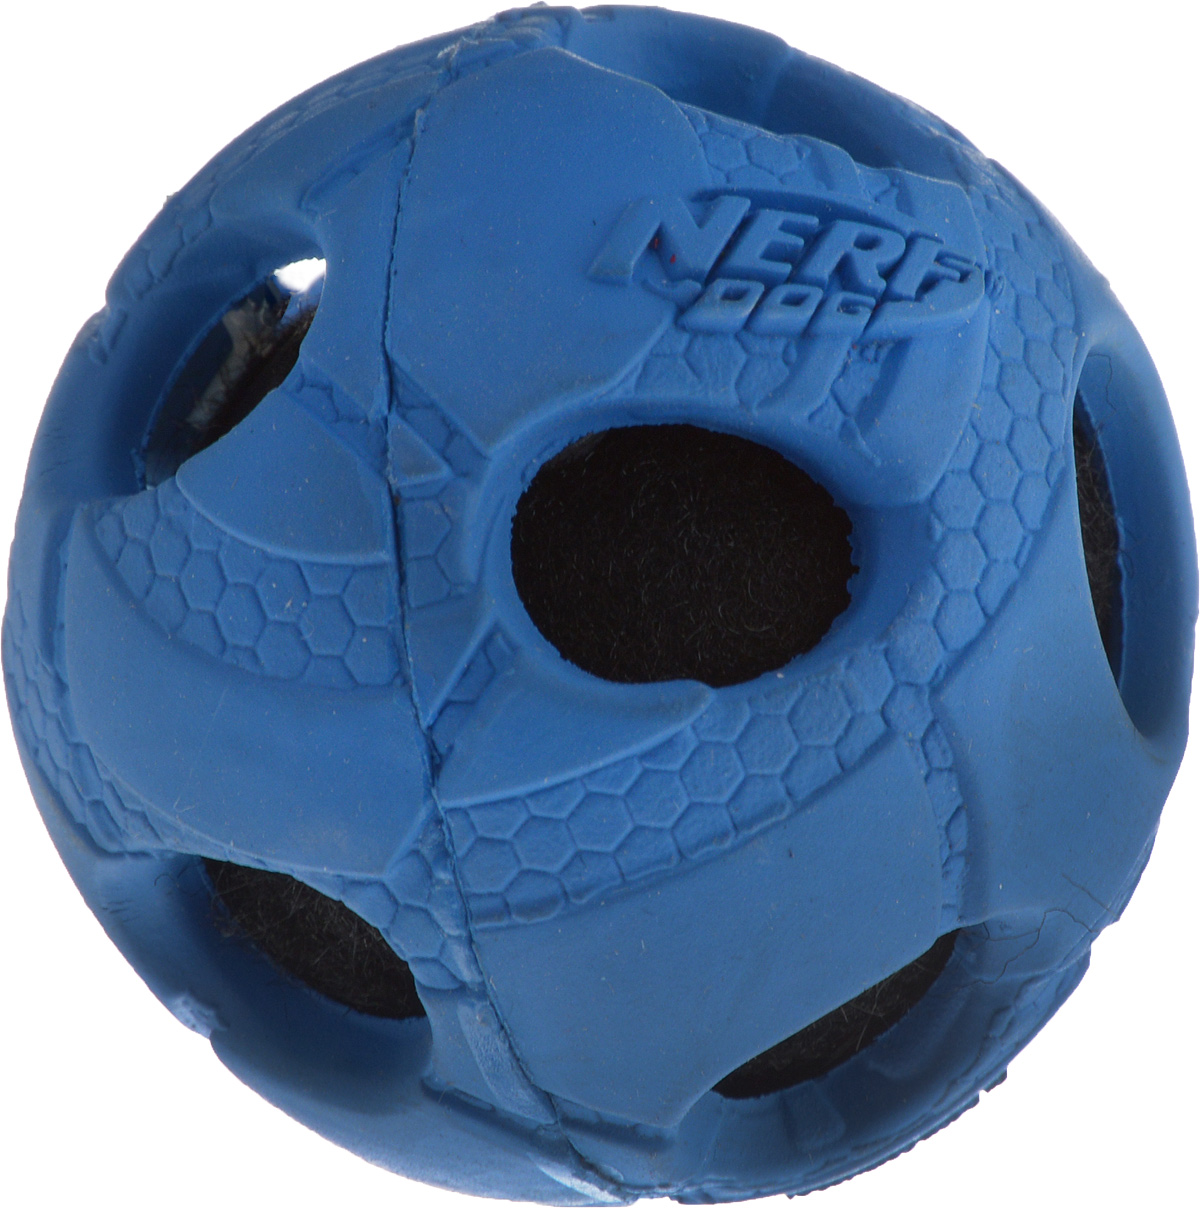 Игрушка для собак Nerf Мяч с отверстиями, диаметр 5 см0120710Игрушка для собак Nerf Мяч с отверстиями выполнена из прочной резины с теннисным мячом внутри. Такая игрушка порадует вашего любимца, а вам доставит массу приятных эмоций, ведь наблюдать за игрой всегда интересно и приятно. Диаметр игрушки: 5 см.